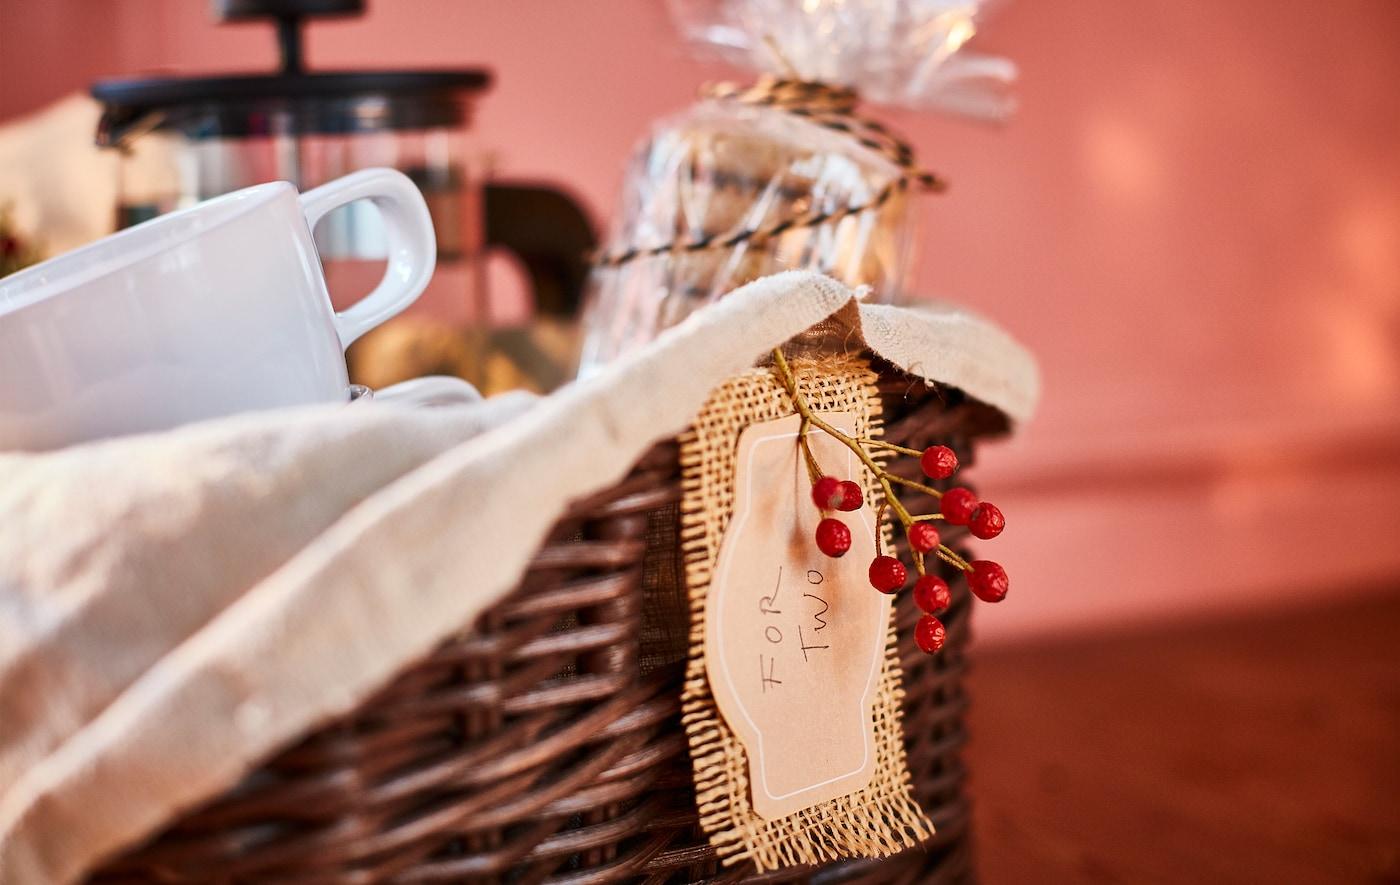 سلة شكل هذدية مع كومة من البسكويت ملفوفة بورق السيلوفان، وأكواب وإبريق قهوة وزينة.